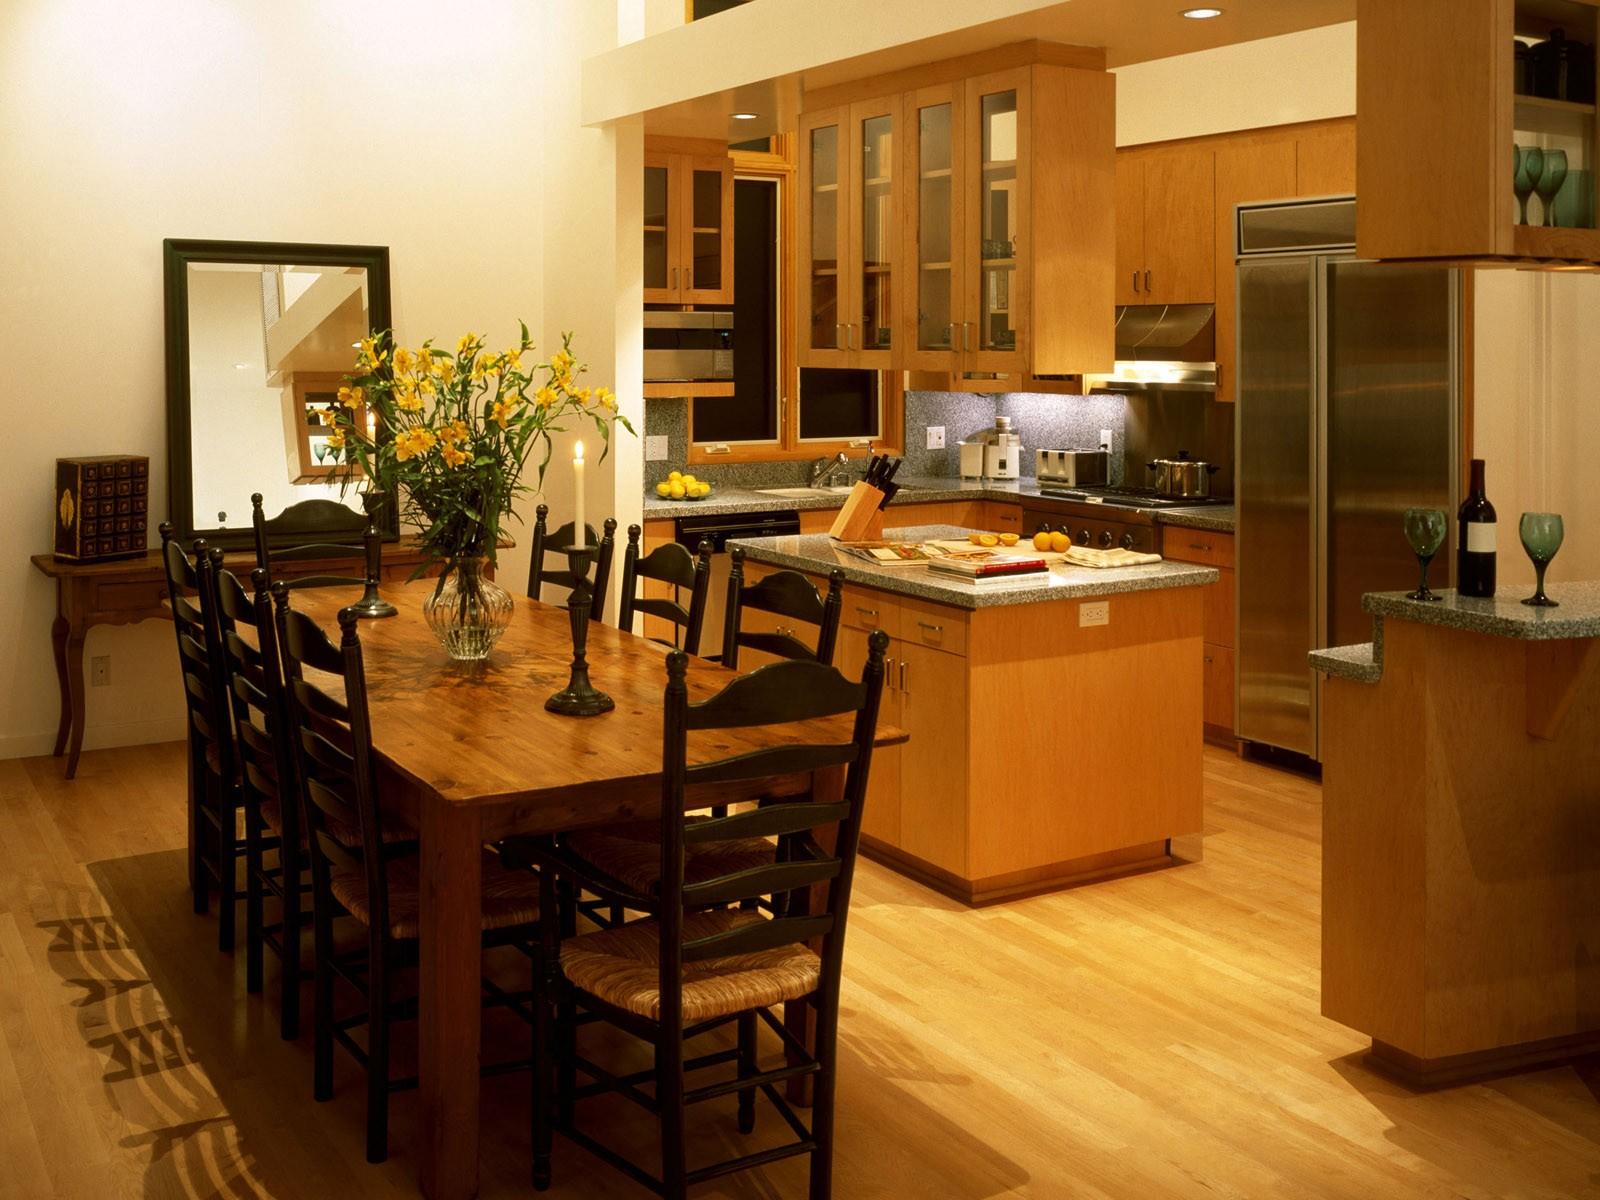 Кухня столовая интерьер в картинках